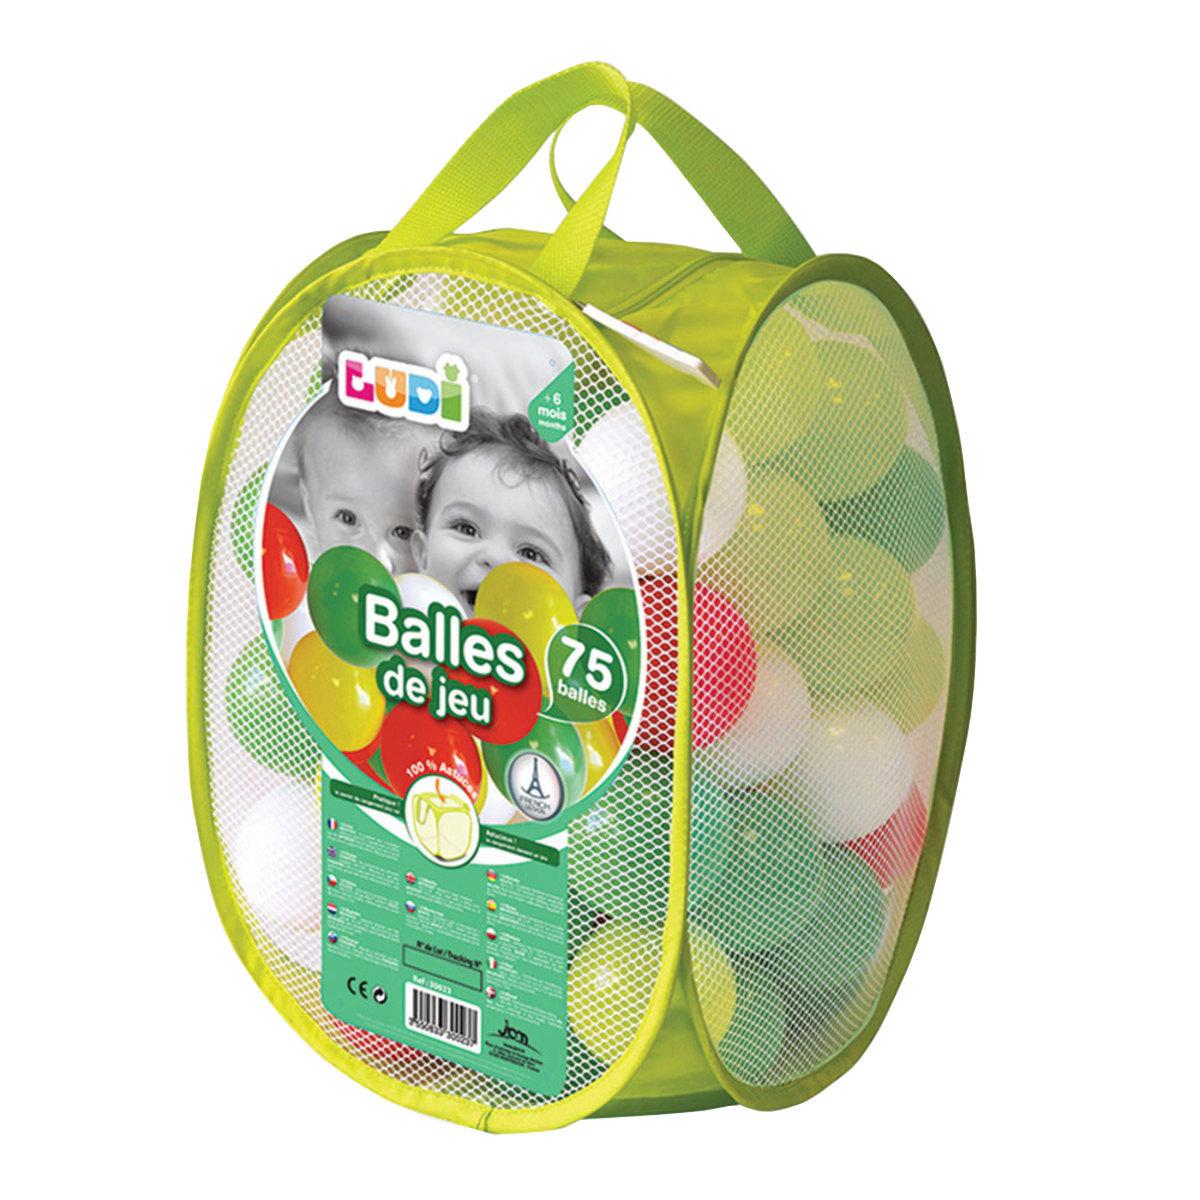 Tapis éveil Balles de Jeux Vertes 75 pièces Balles de Jeux Vertes 75 pièces